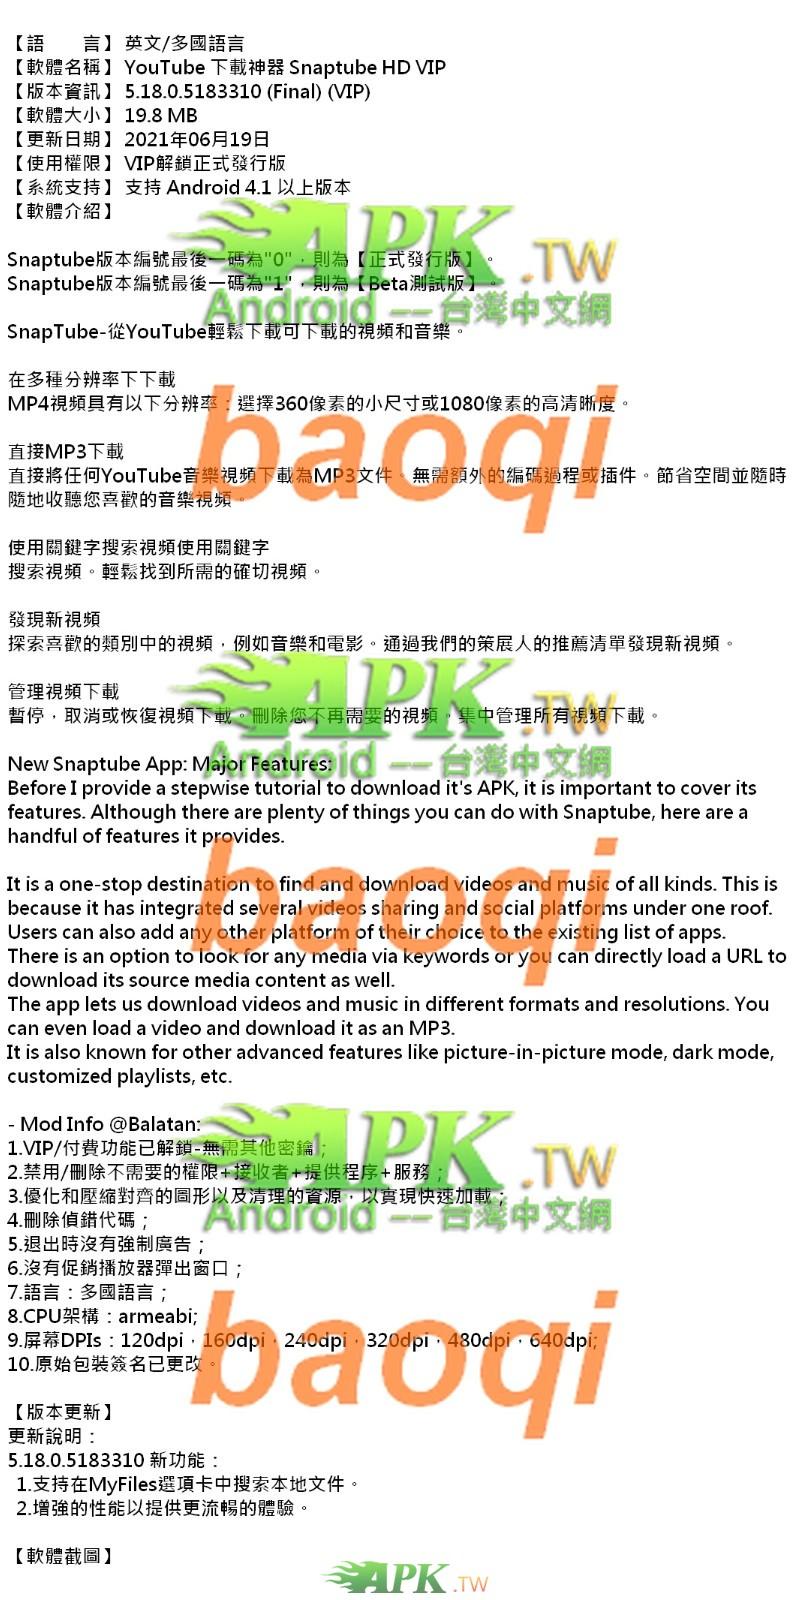 Snaptube_VIP_5.18.0.5183310 APK_.jpg